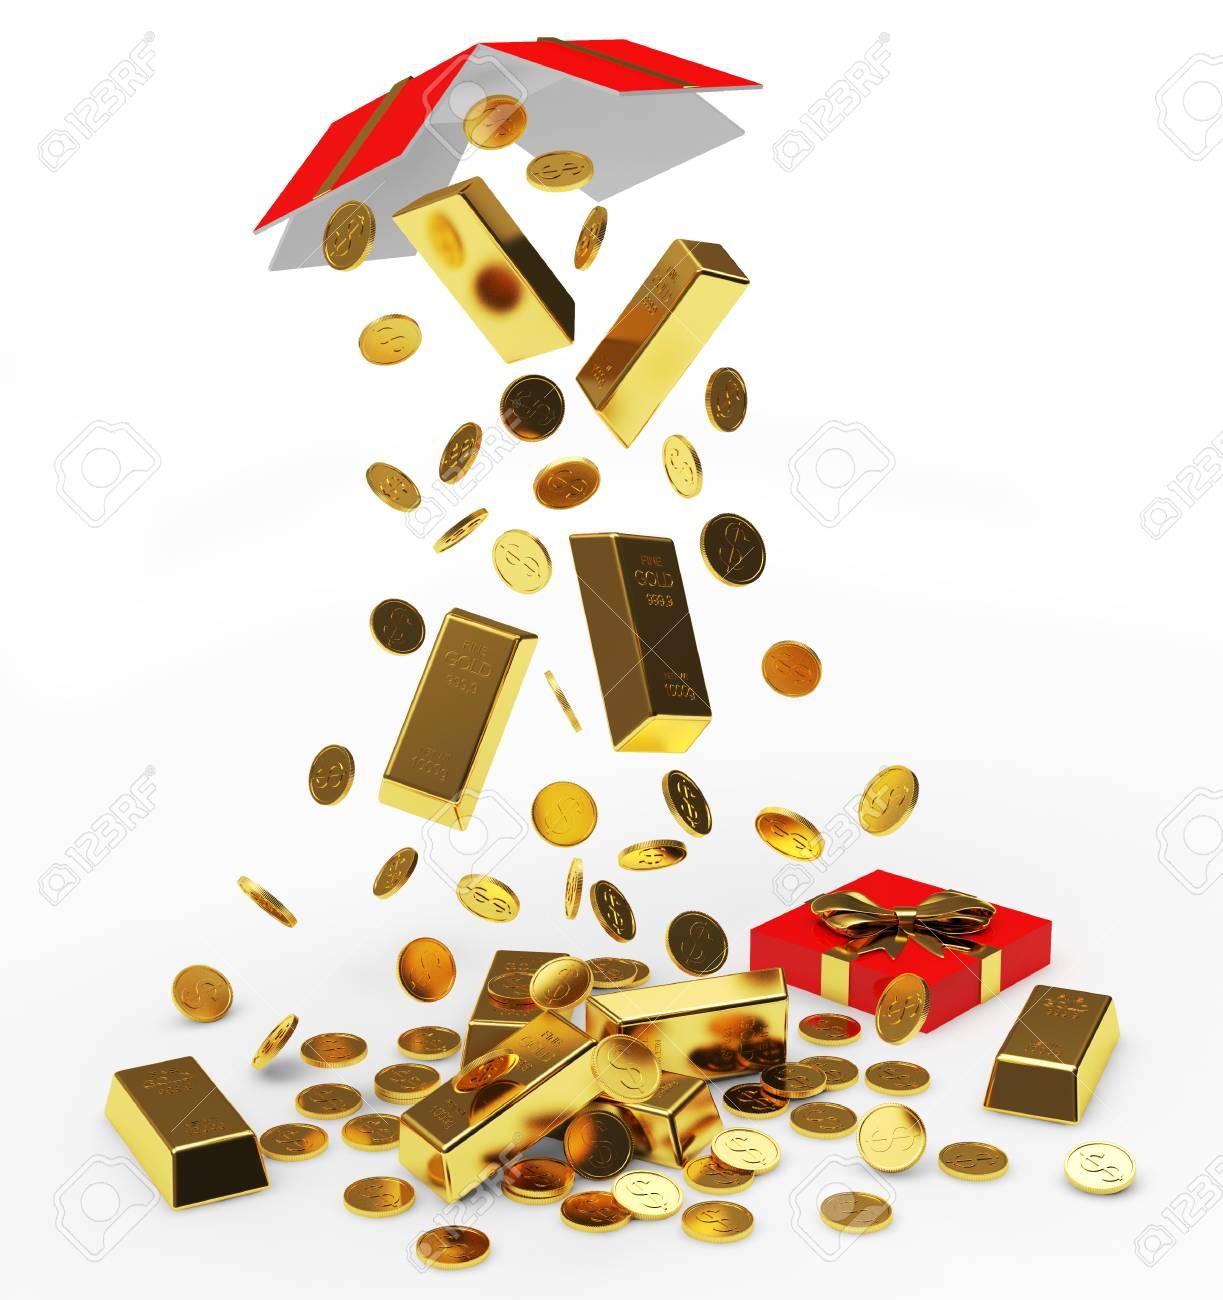 Fallen Goldenen Münzen Und Barren Aus Offenen Geschenk Box Isoliert